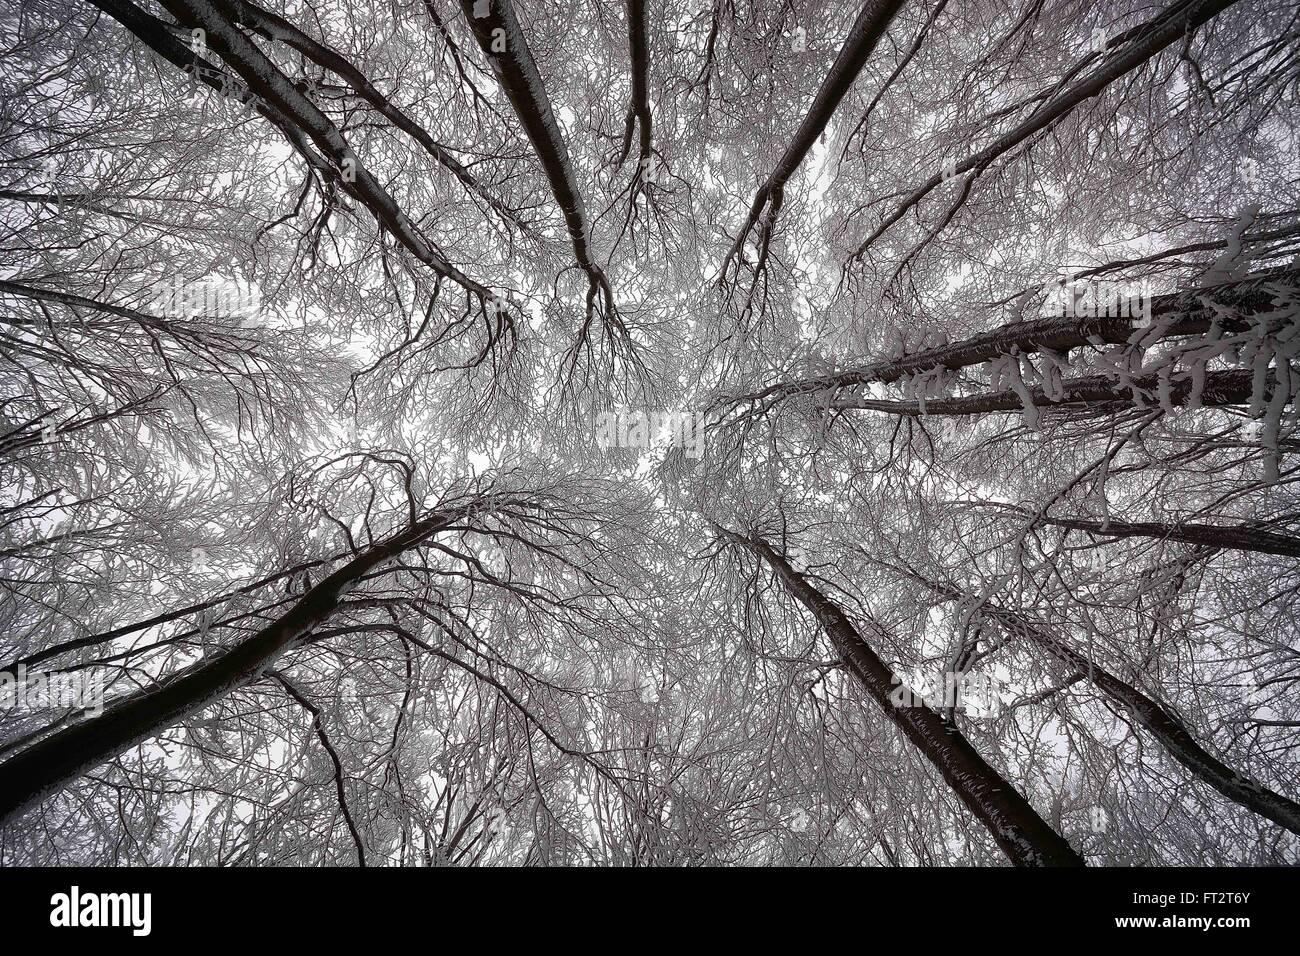 Synapsen - Schneebedeckte Bäume, die als Synapsen angezeigt Stockbild